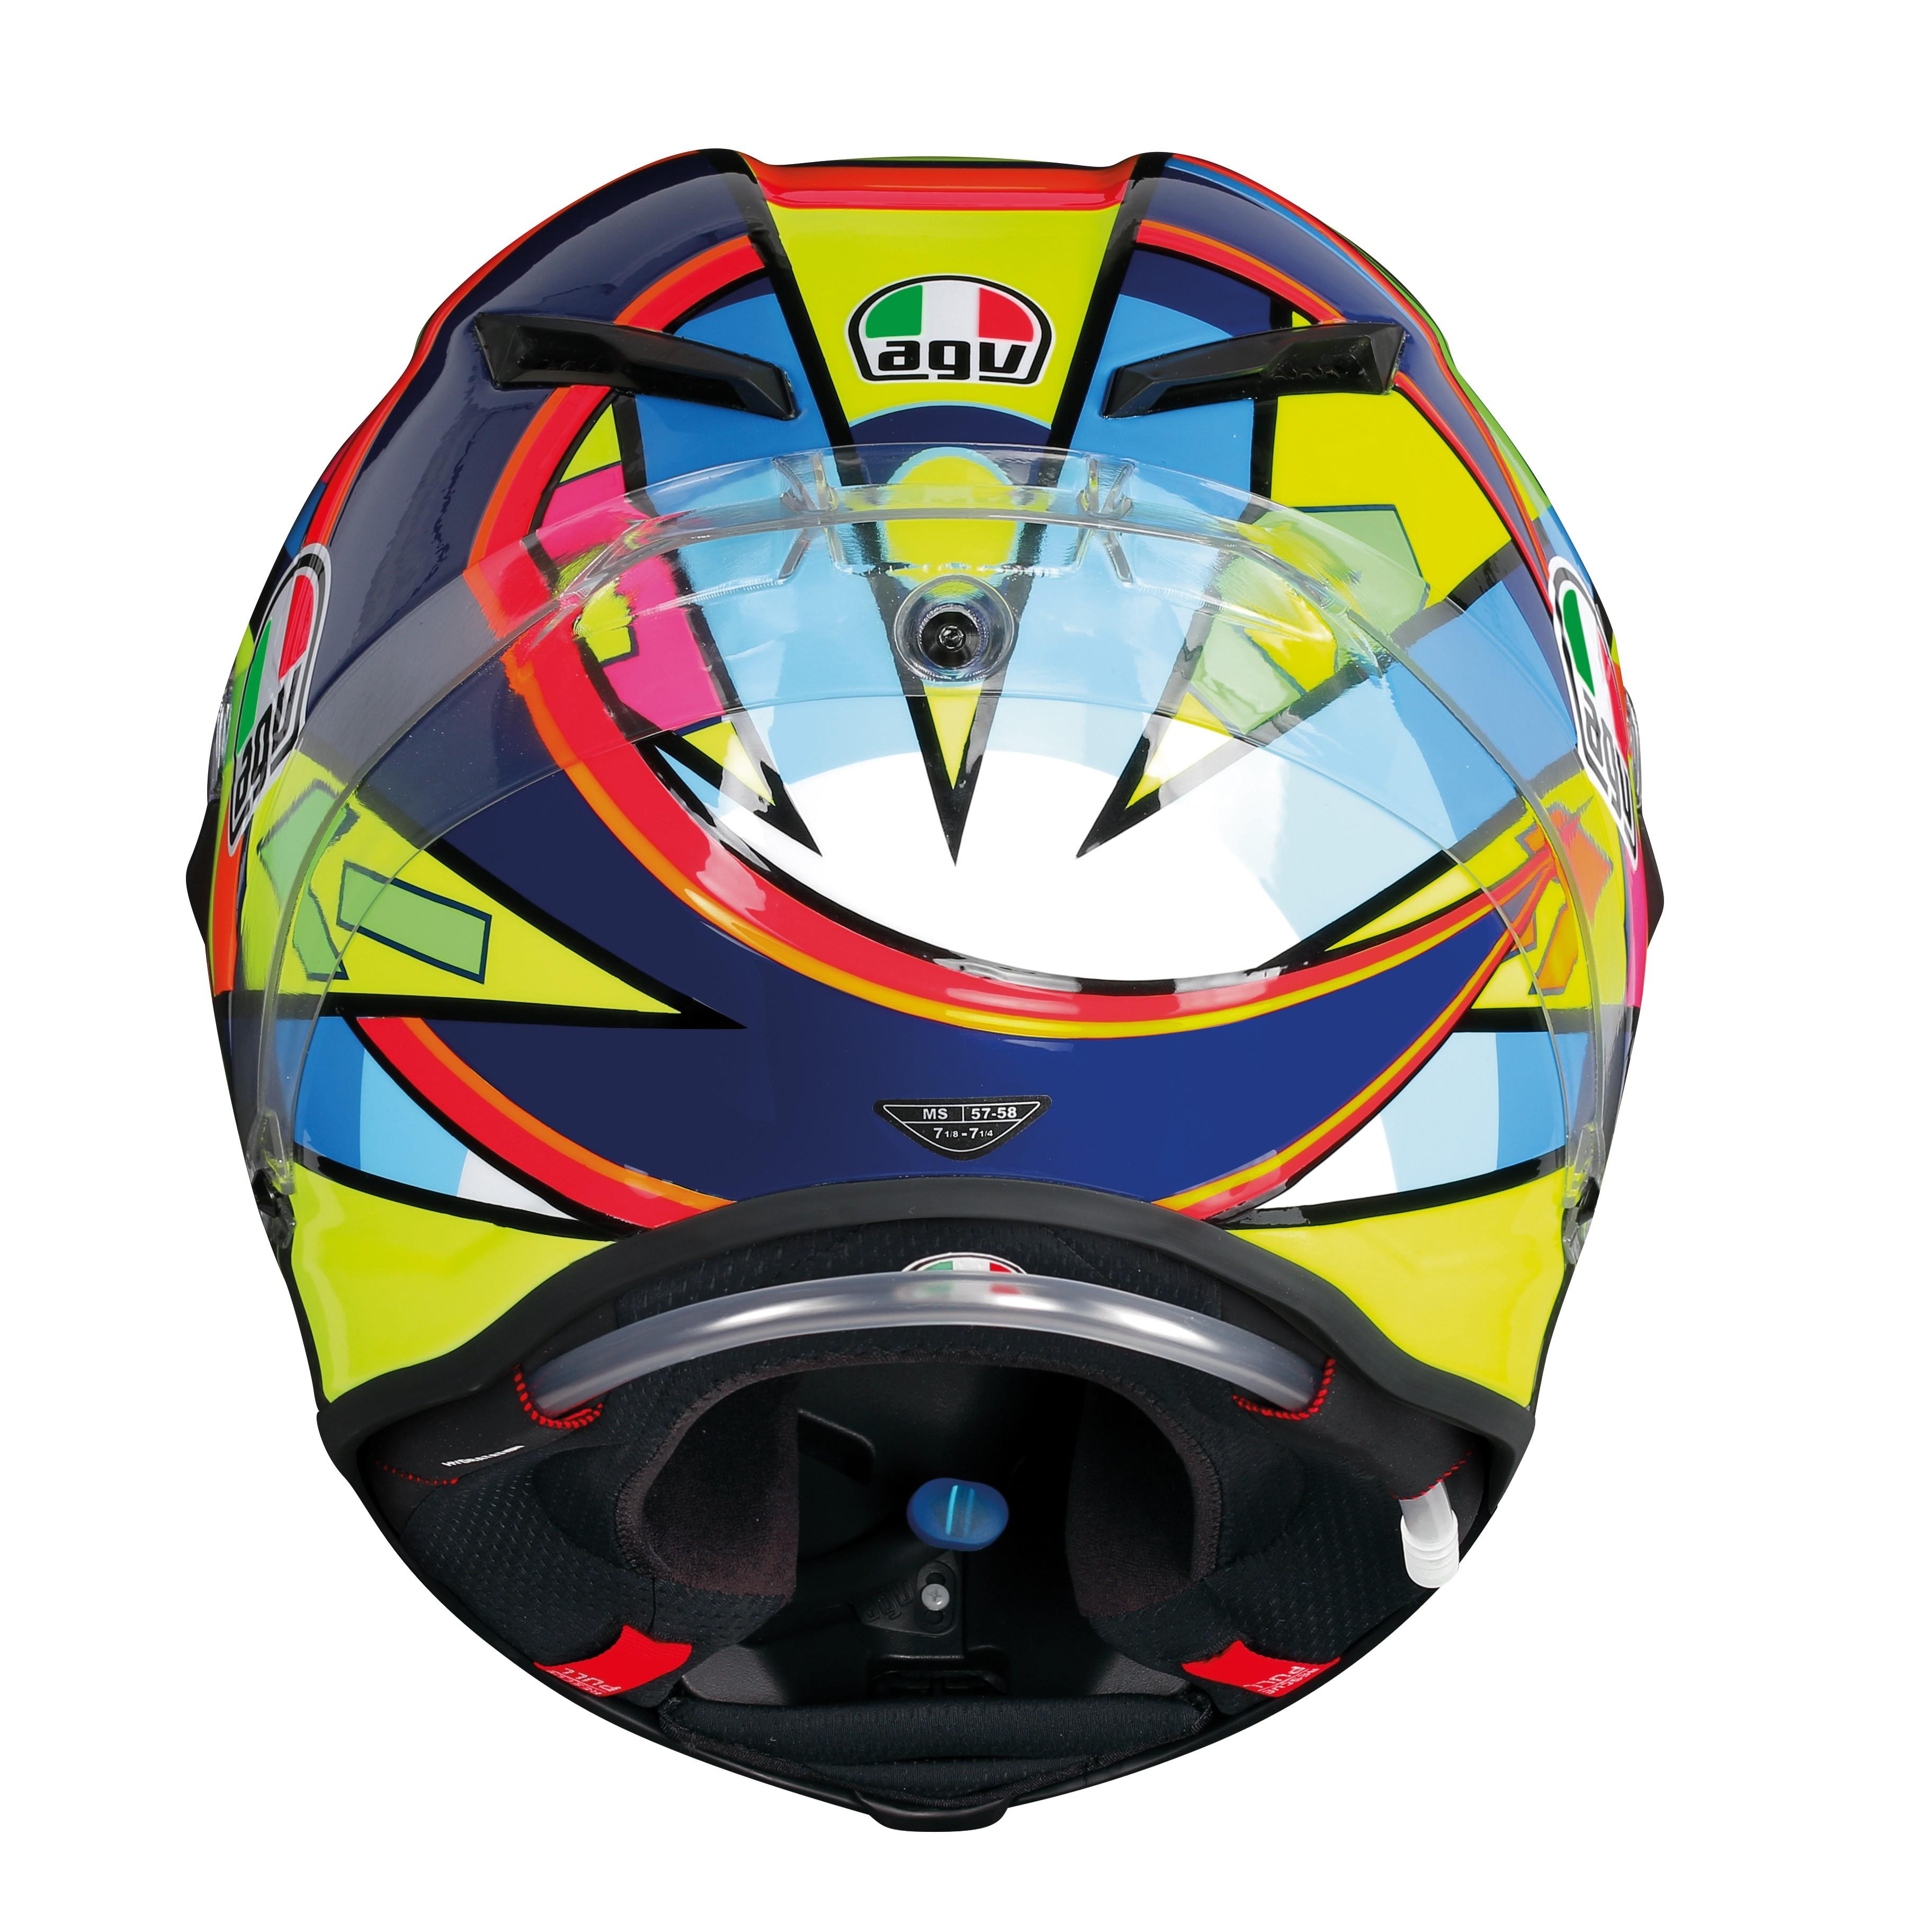 AGV Pista GP-R Soleluna 2016 | Full Face Rossi Replica Helmet